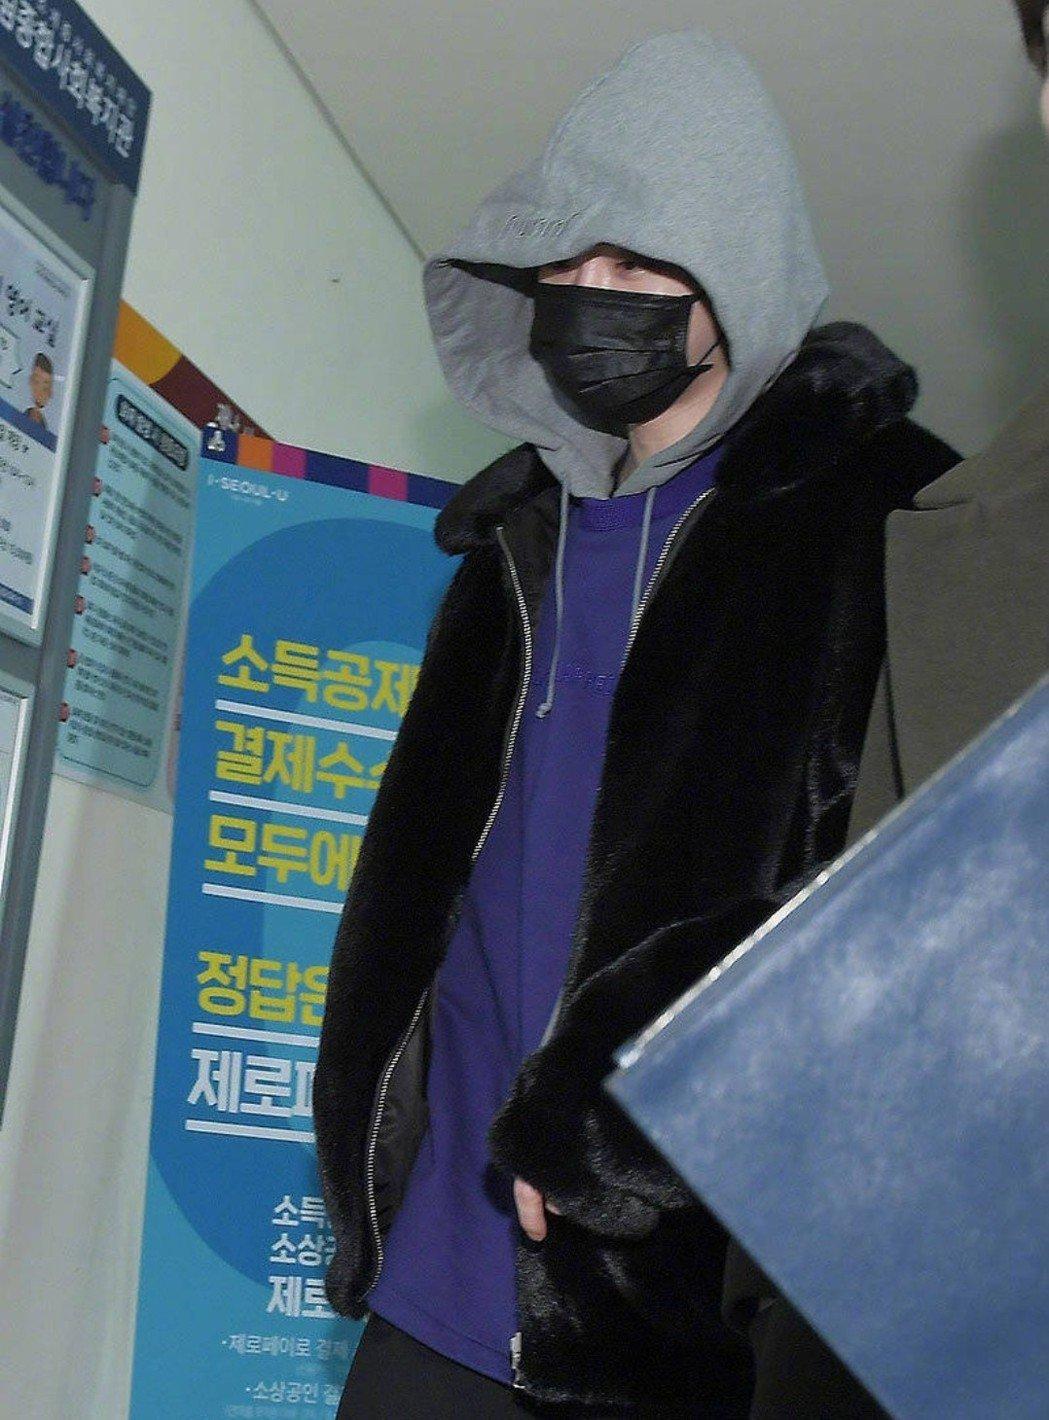 李鍾碩全身包緊緊。圖/摘自xportsnews